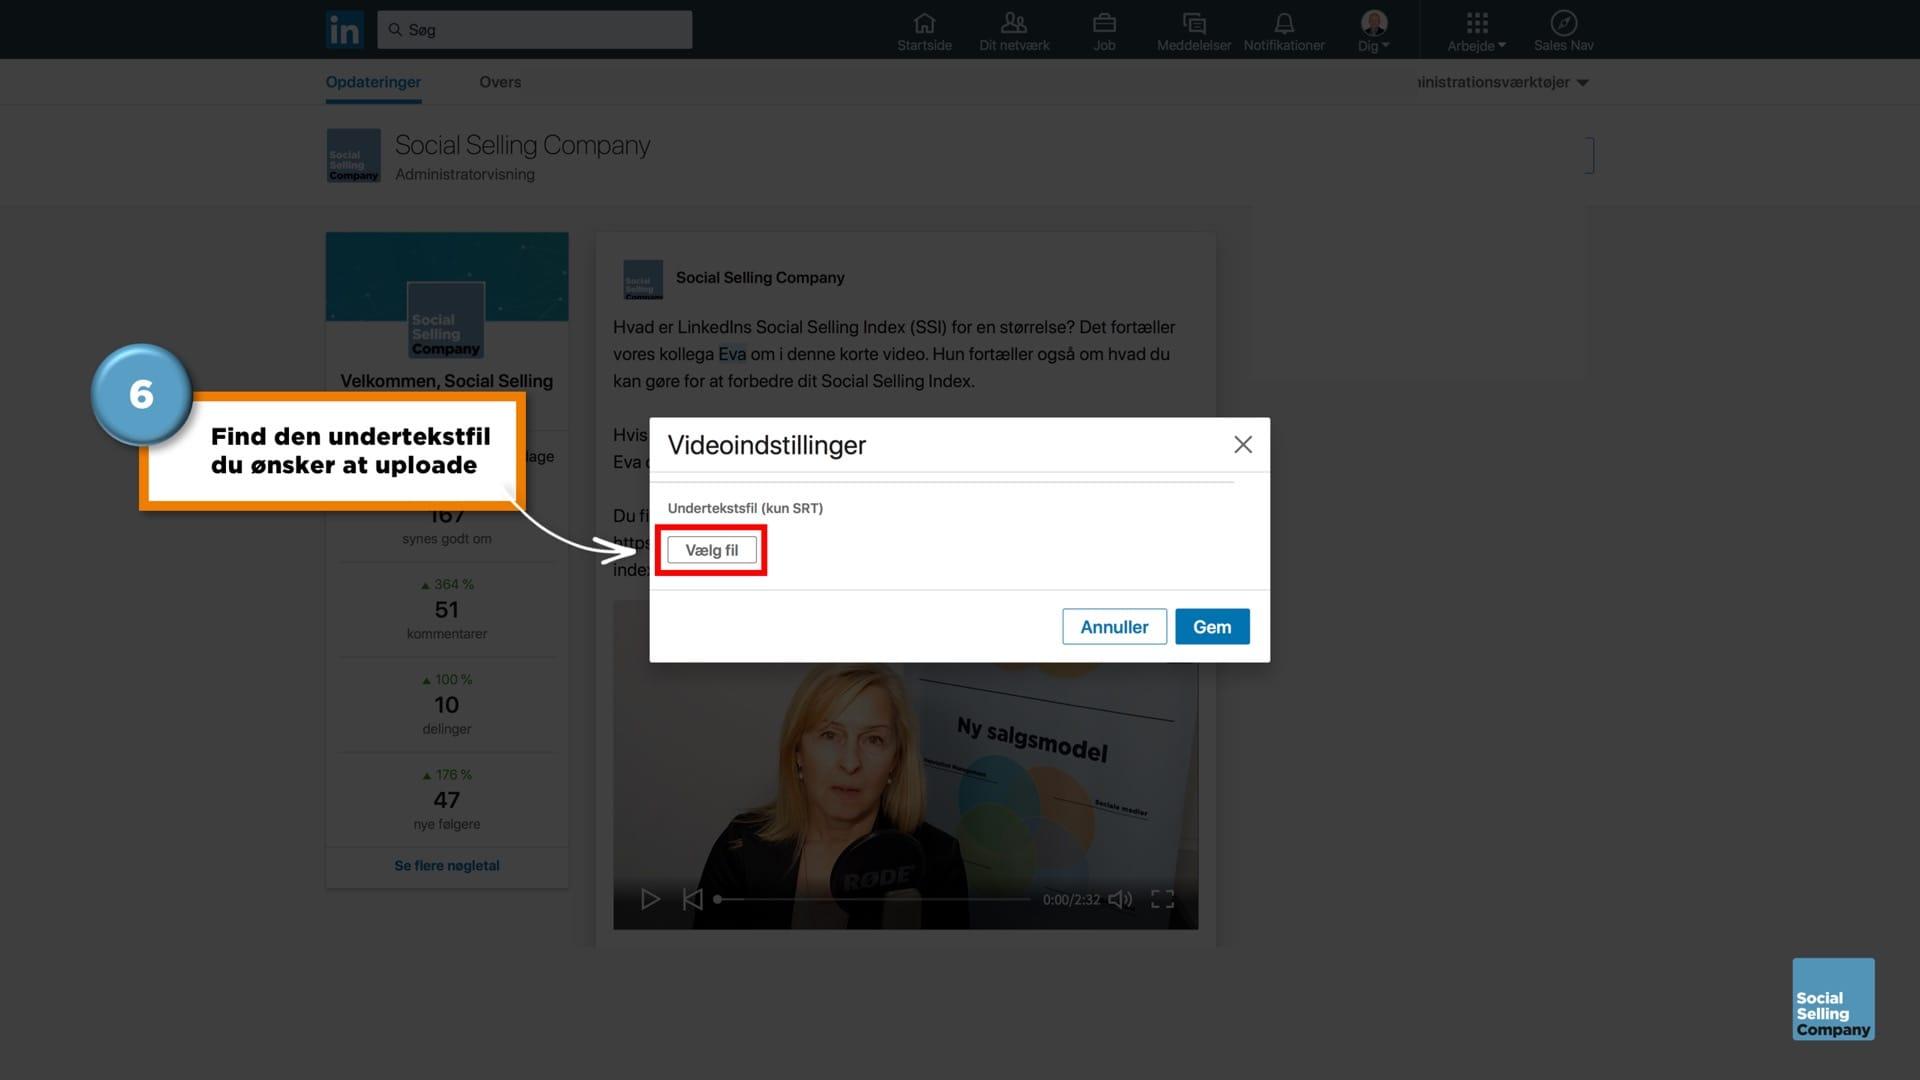 Guide til hvordan du laver undertekster på videoer på en LinkedIn Company Page